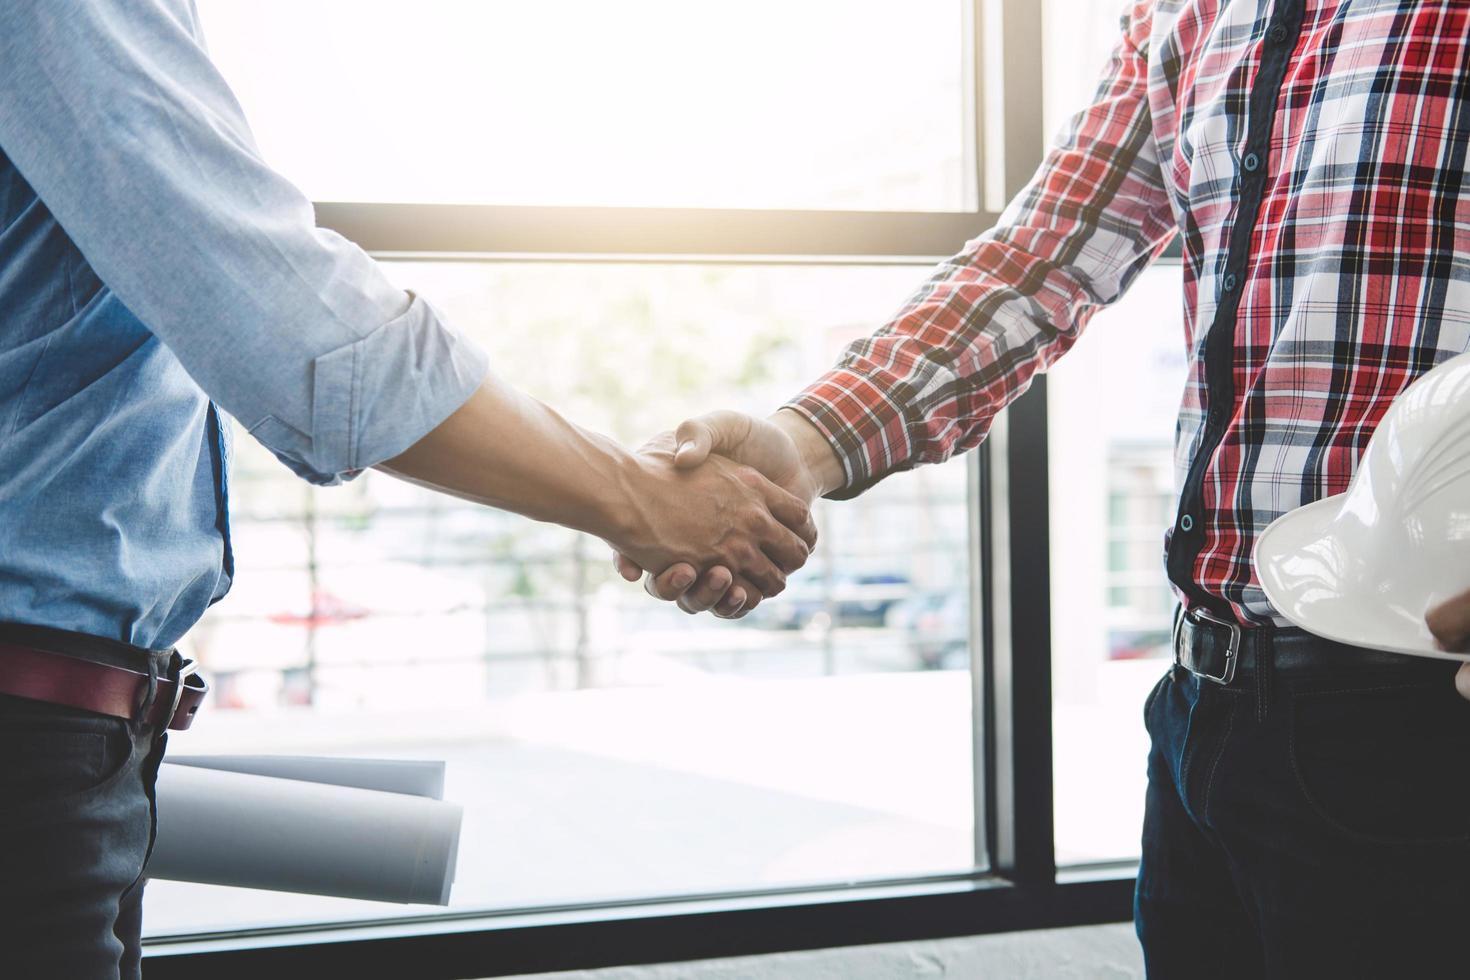 dois engenheiros se encontram para o projeto, aperto de mão após consulta foto